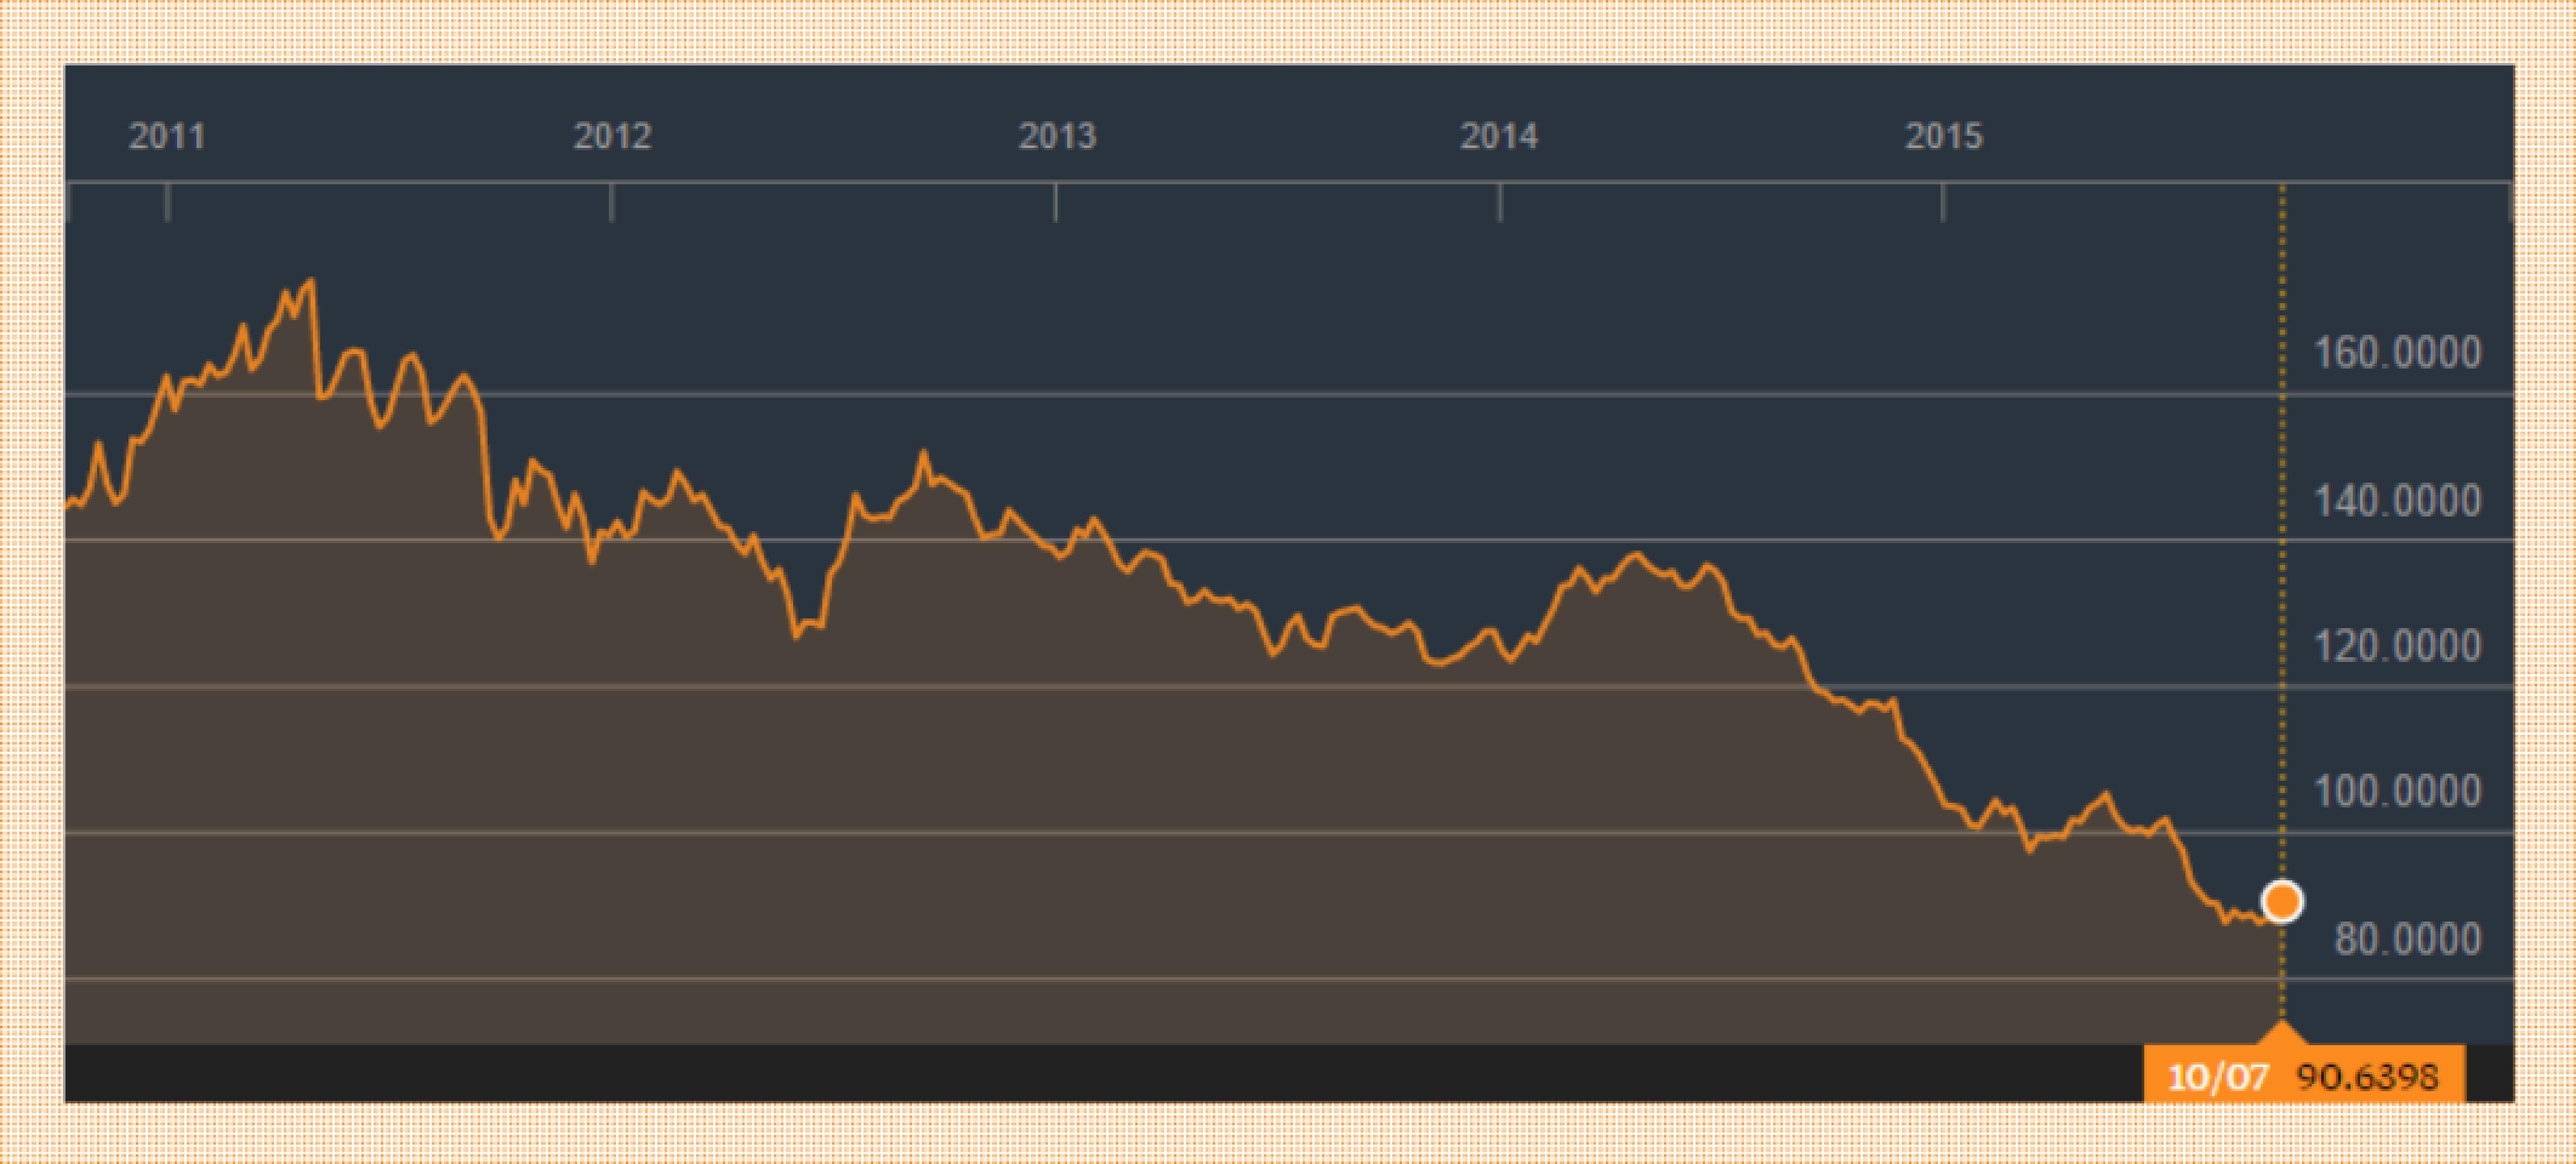 Крах сырьевых товаров: что дальше?